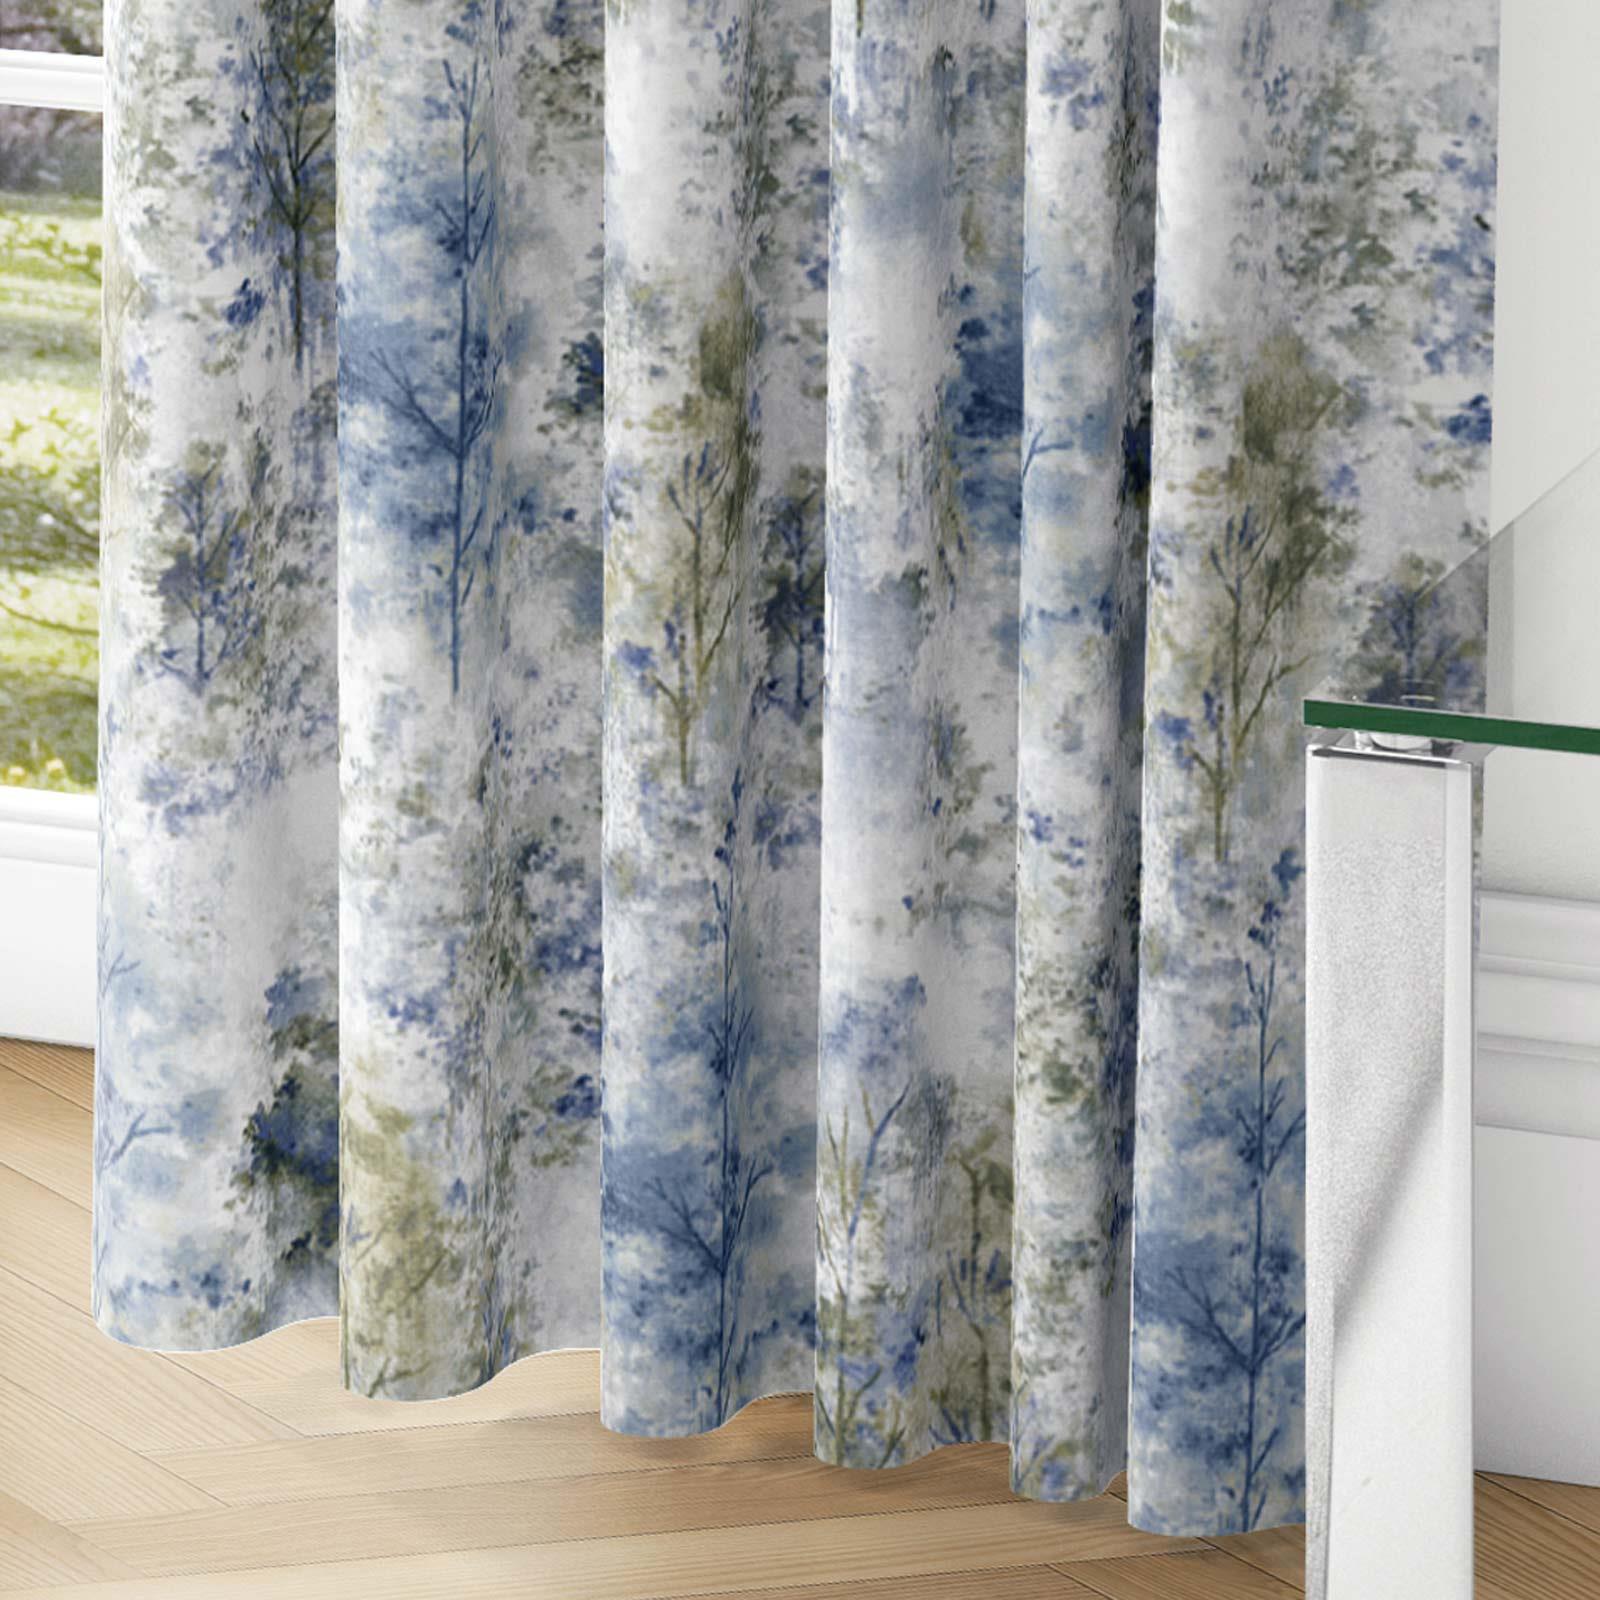 Woodland-Cinta-superior-Cortinas-de-arboles-de-impresion-Ready-Made-3-034-pares-de-cortina-plisado miniatura 12